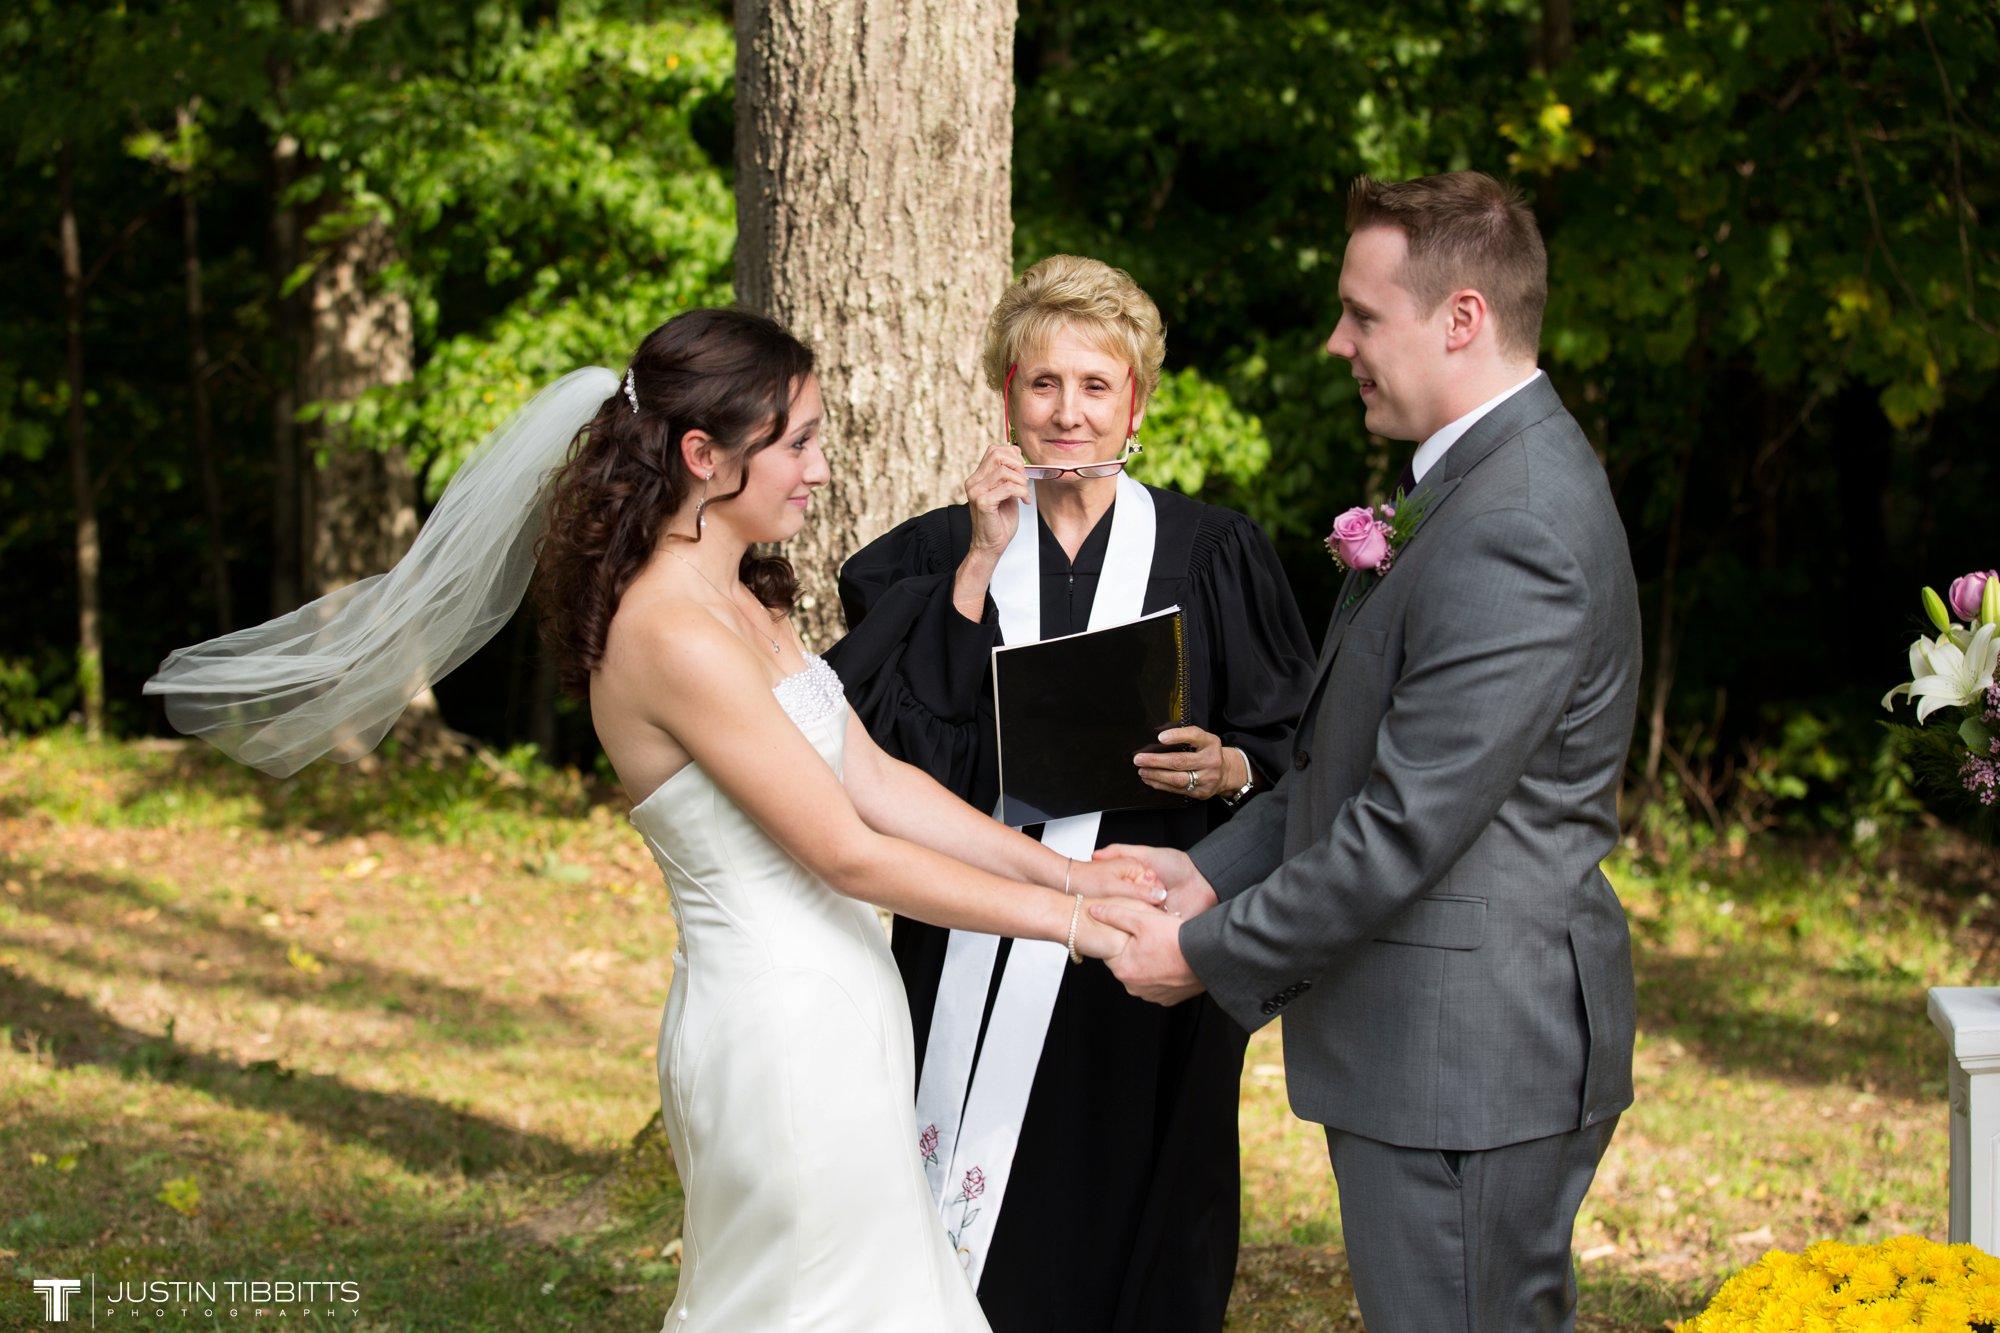 Justin Tibbitts Photography Rob and Brittany's Averill Park, NY Wedding_0377